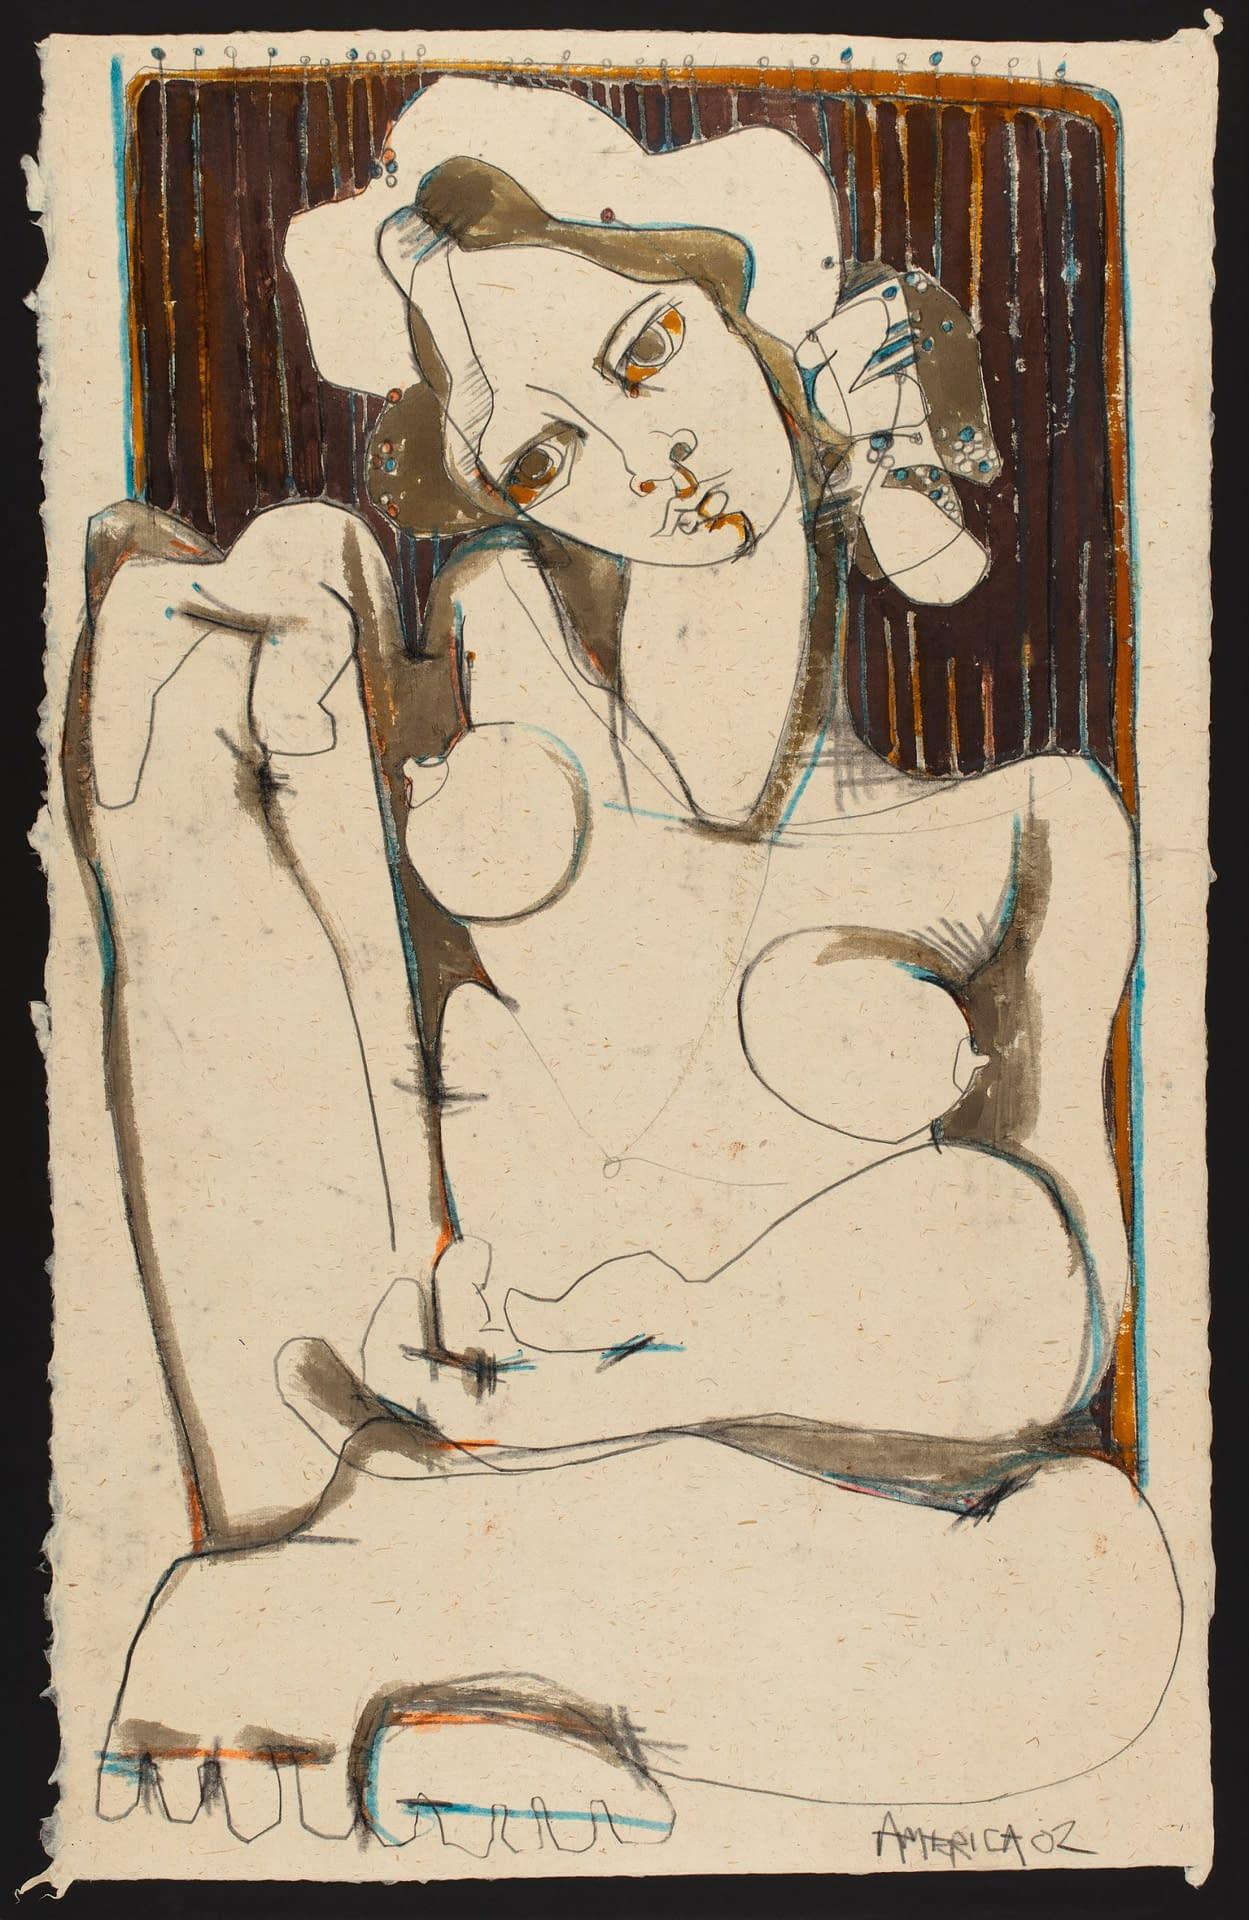 america martin, juliette study, nude, figurative, portrait